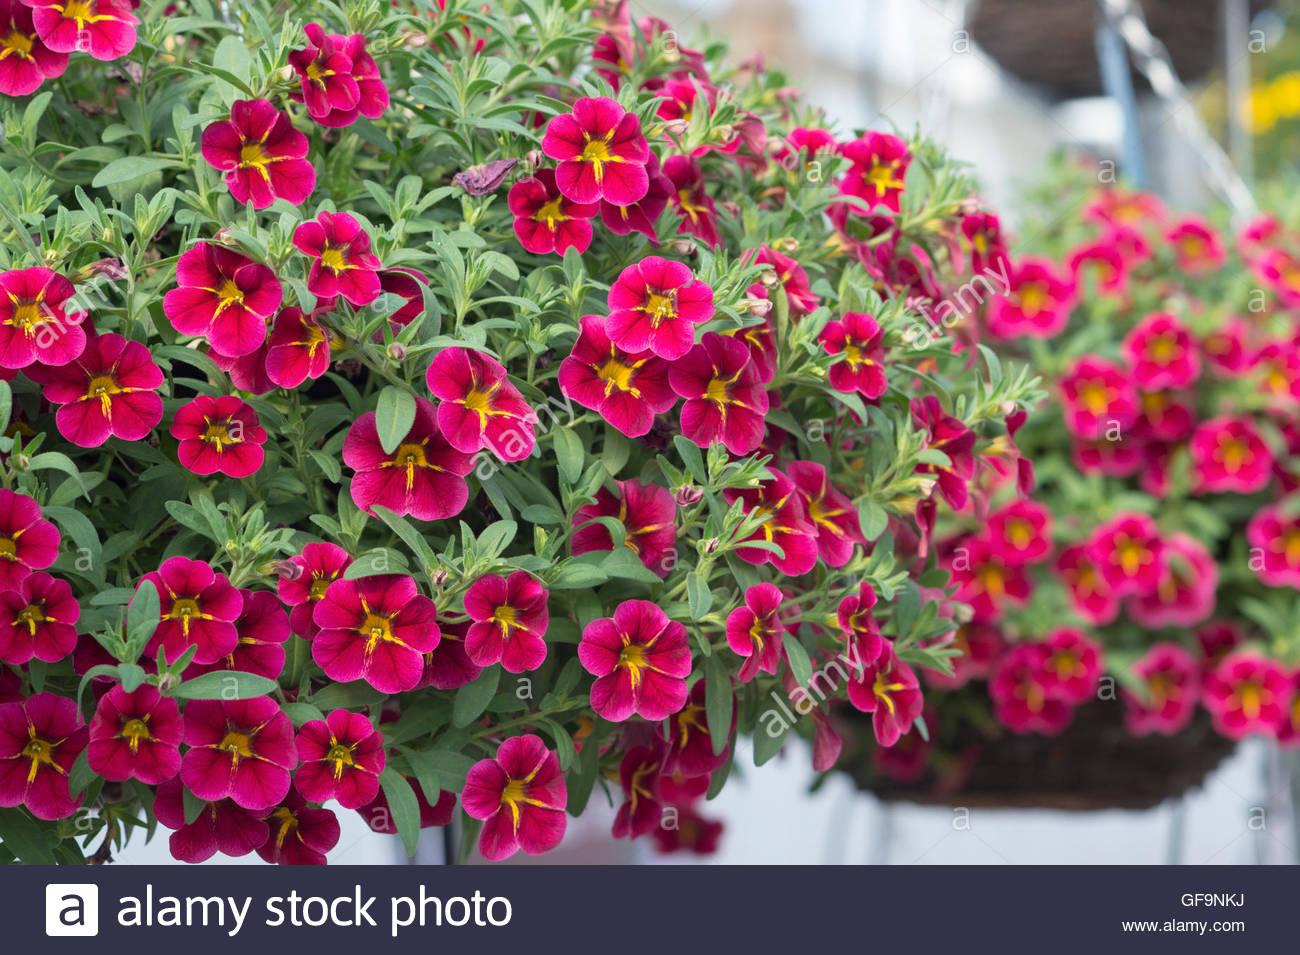 Calibrachoa 'Starlight cherry'. Mini Petunia flowers in hanging baskets. UK - Stock Image